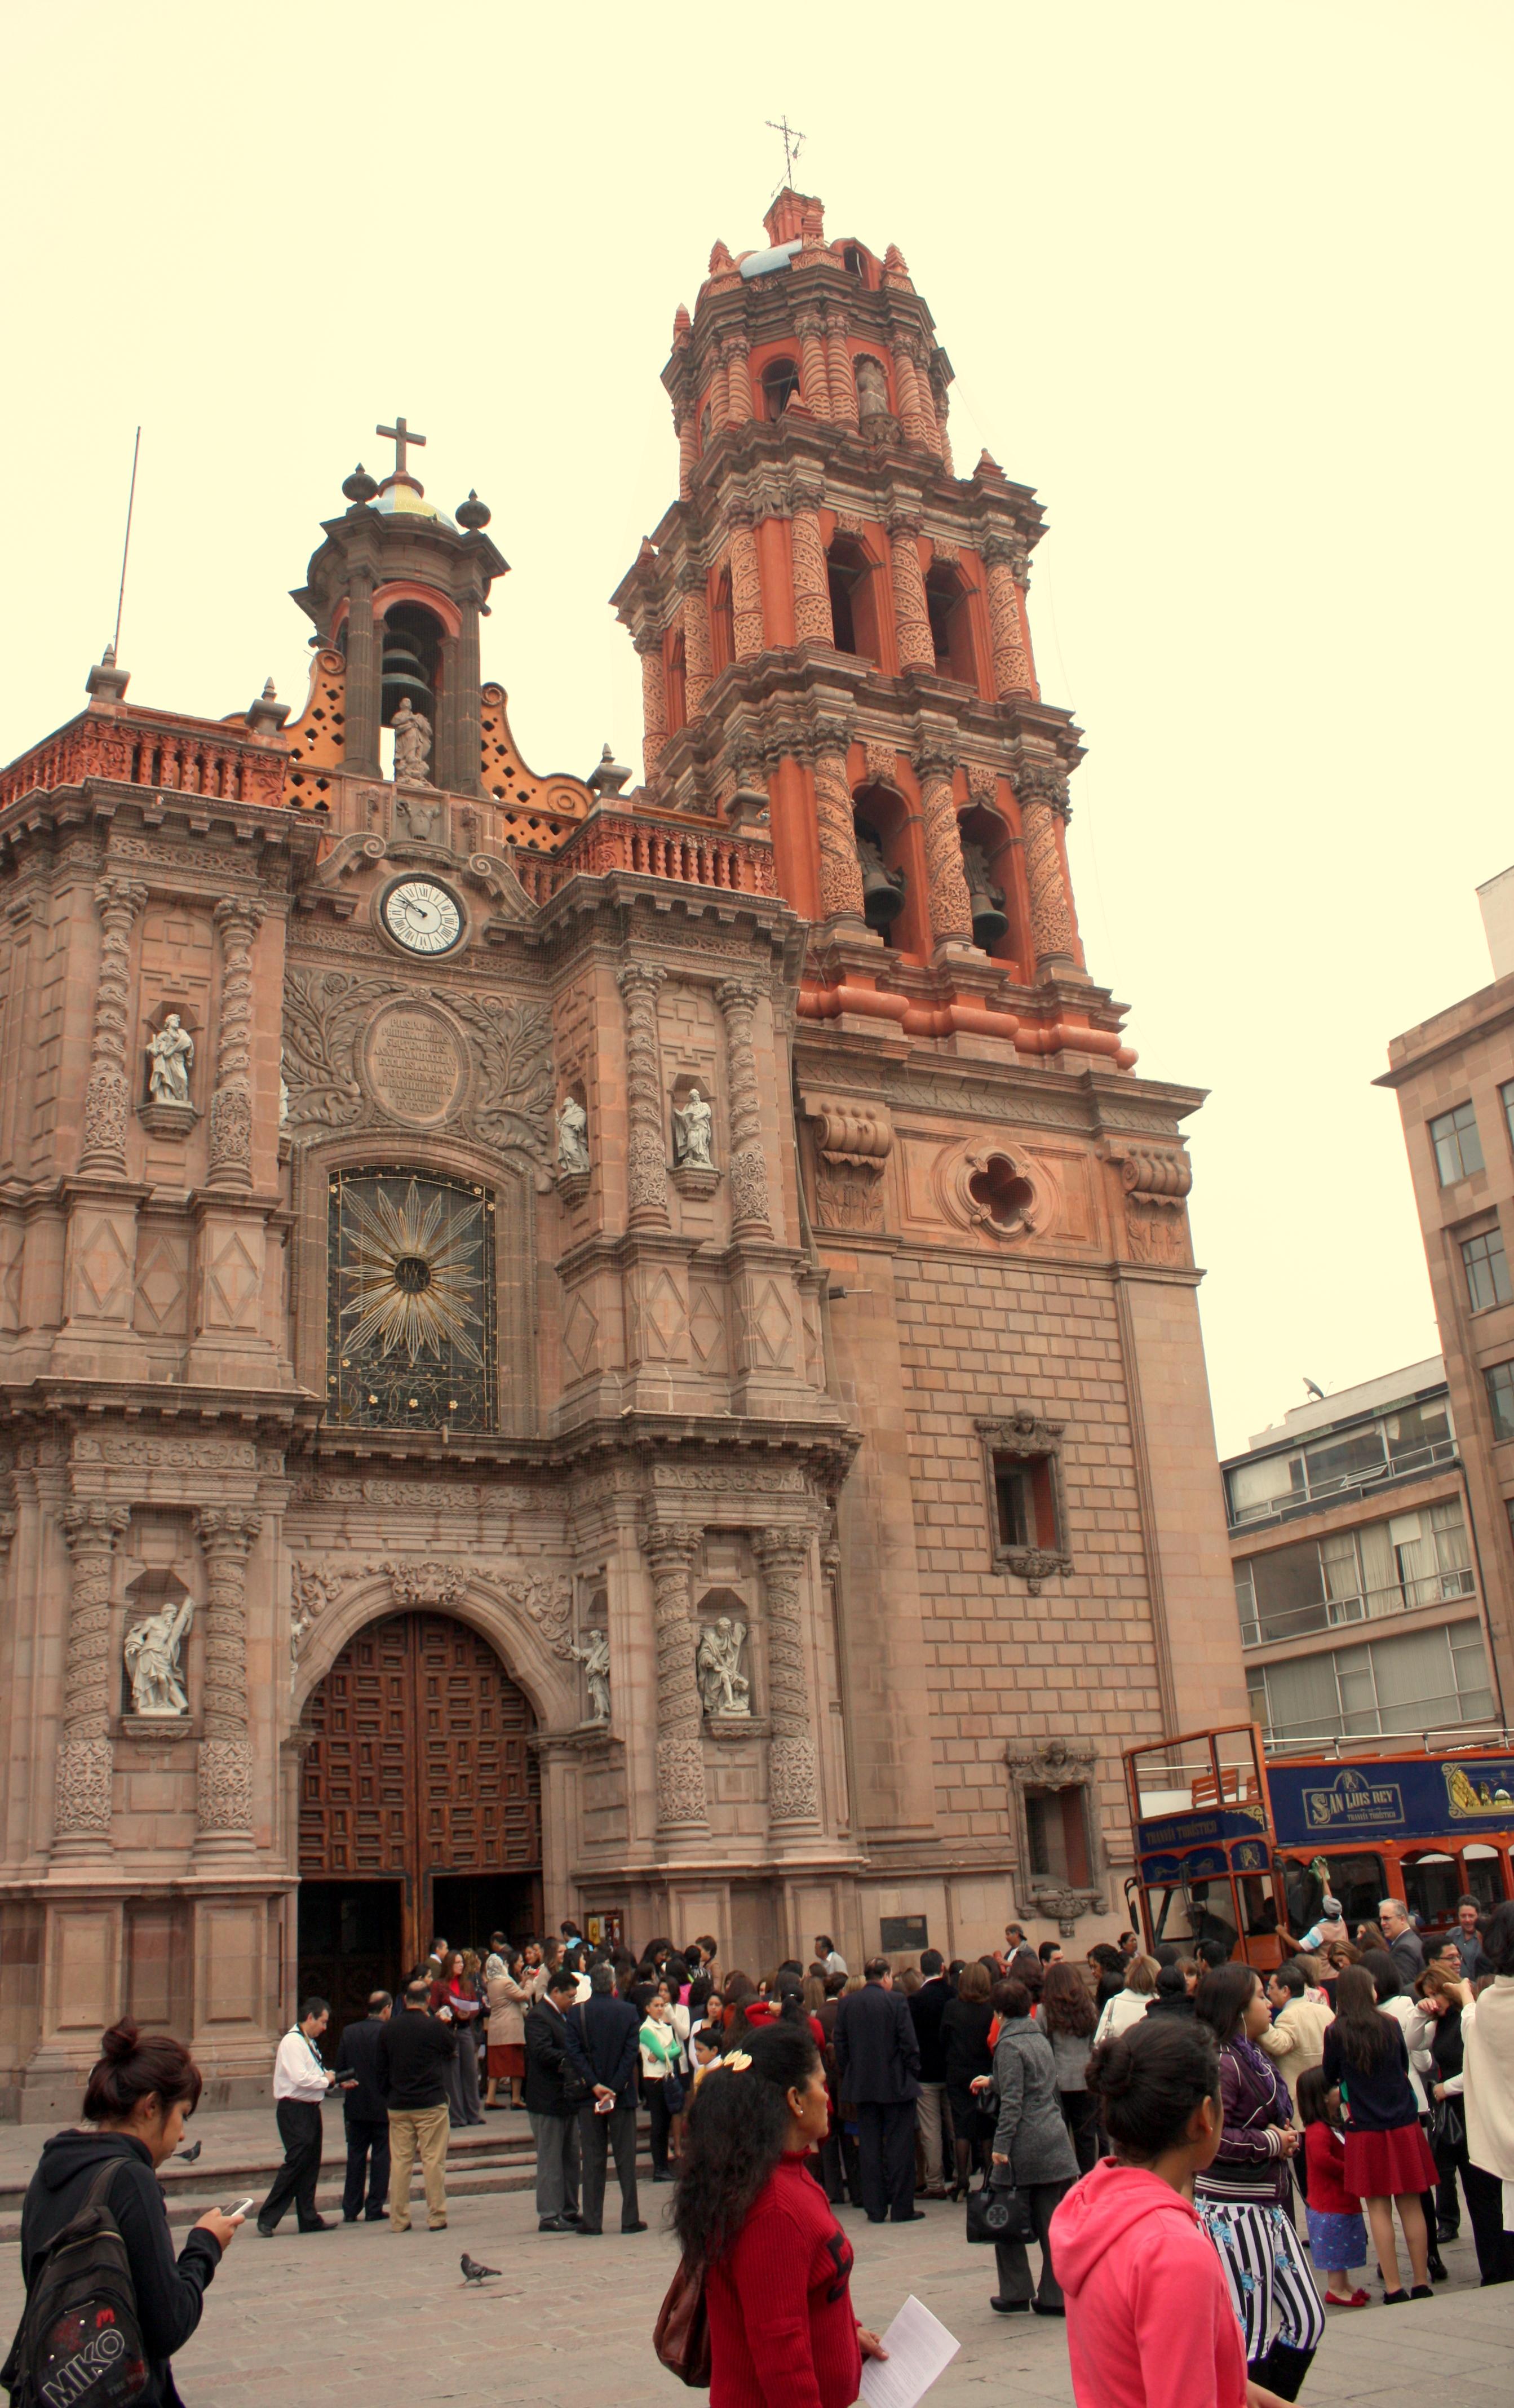 1fbe17be7 Catedral Potosina, Plaza de Armas, San Luis Potosí, Mexico.